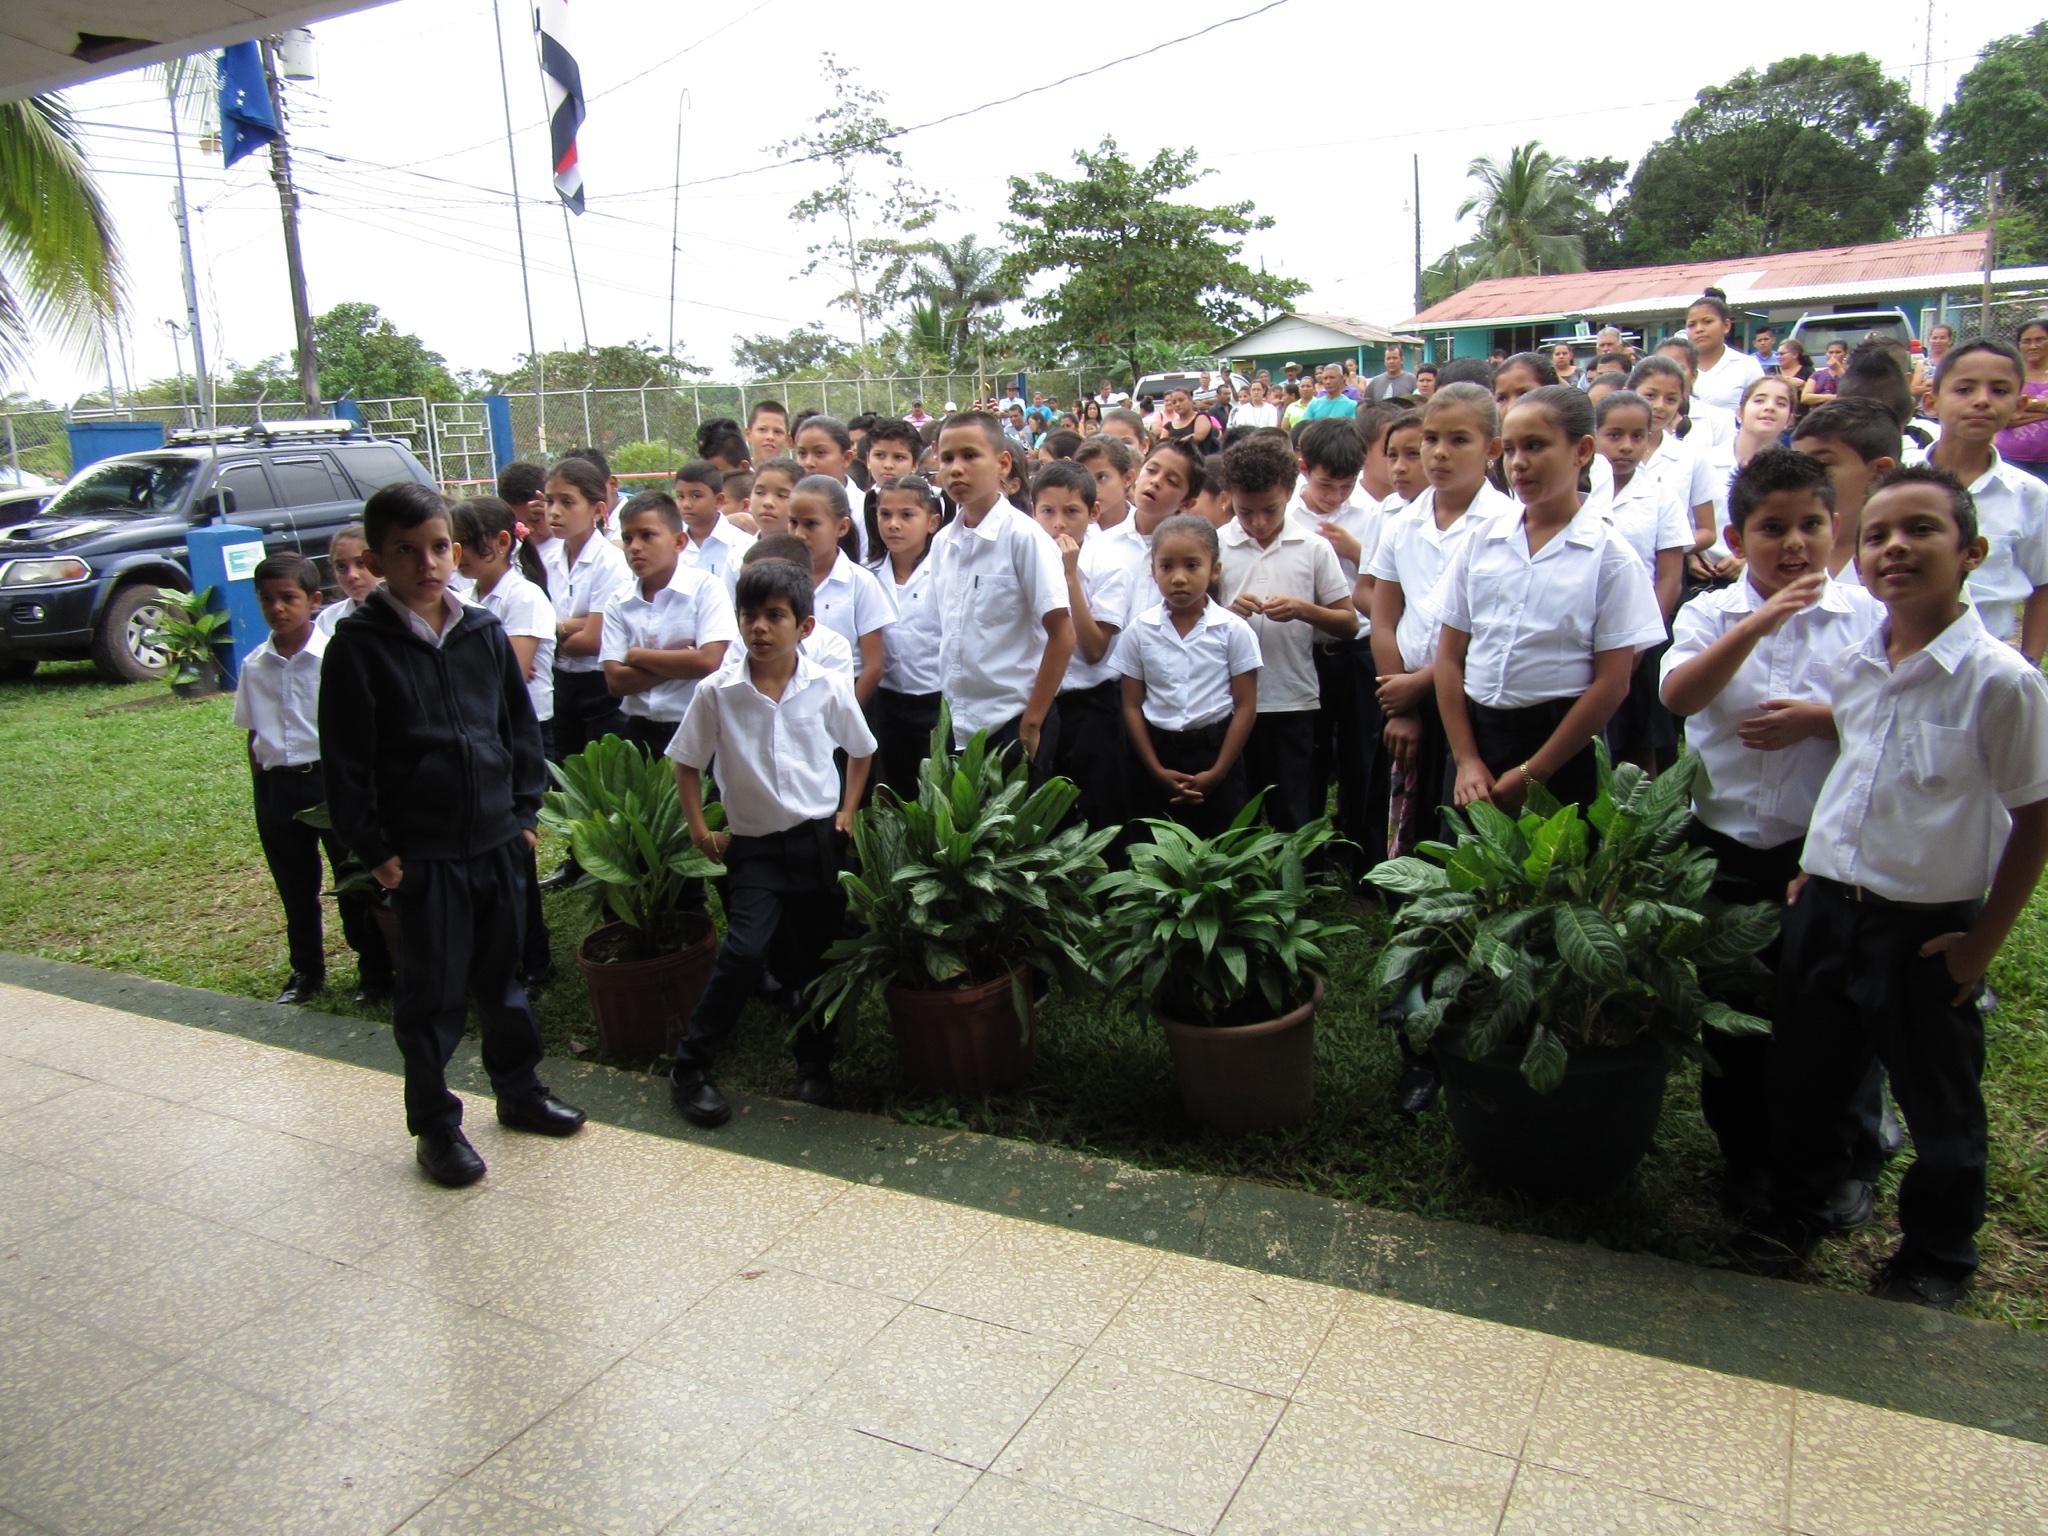 Los Chiles school